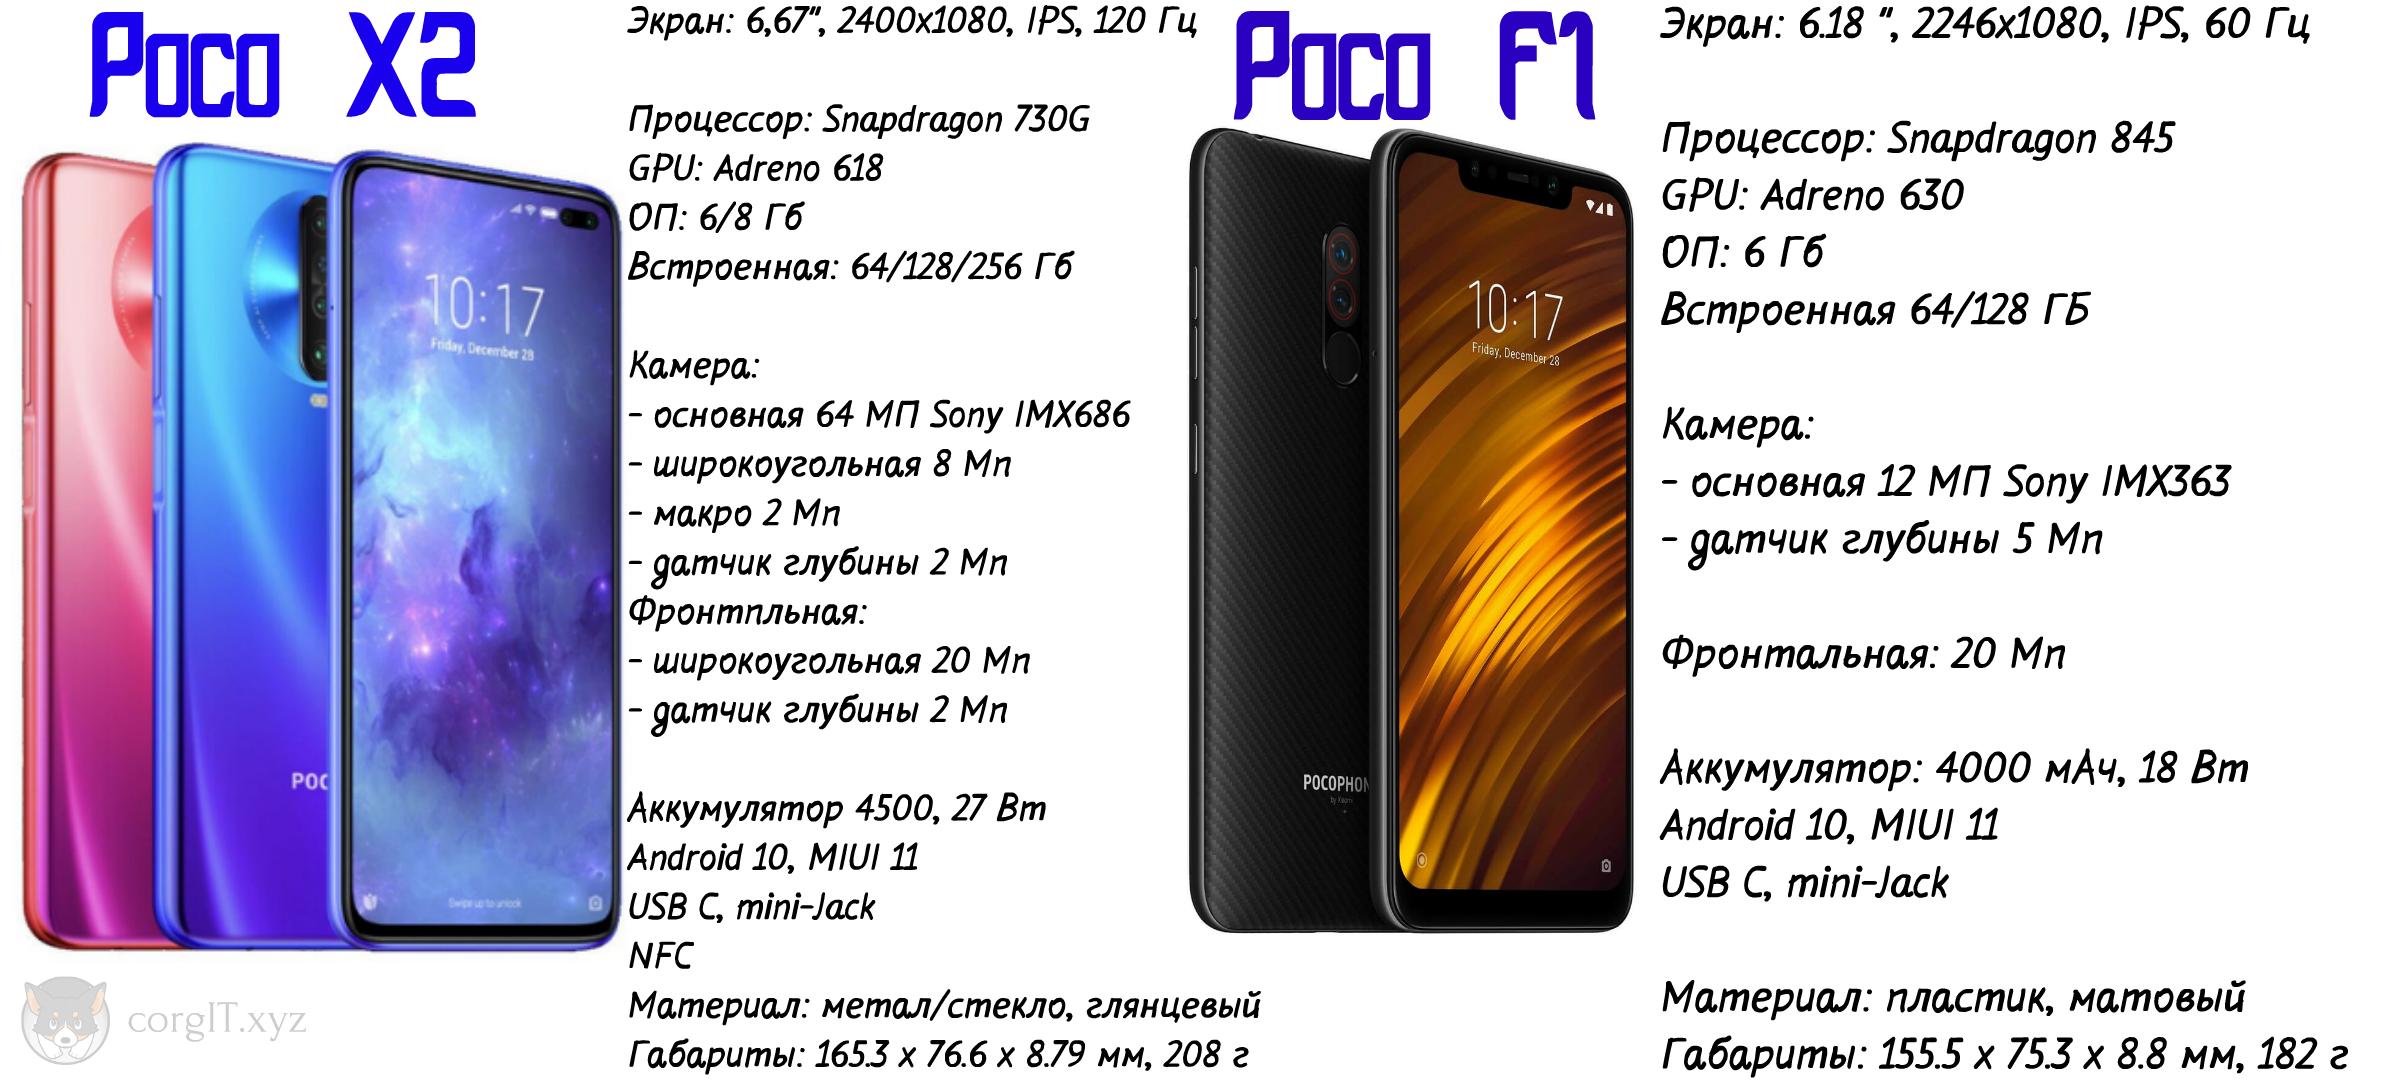 характеристики Poco X2 и Poco F1